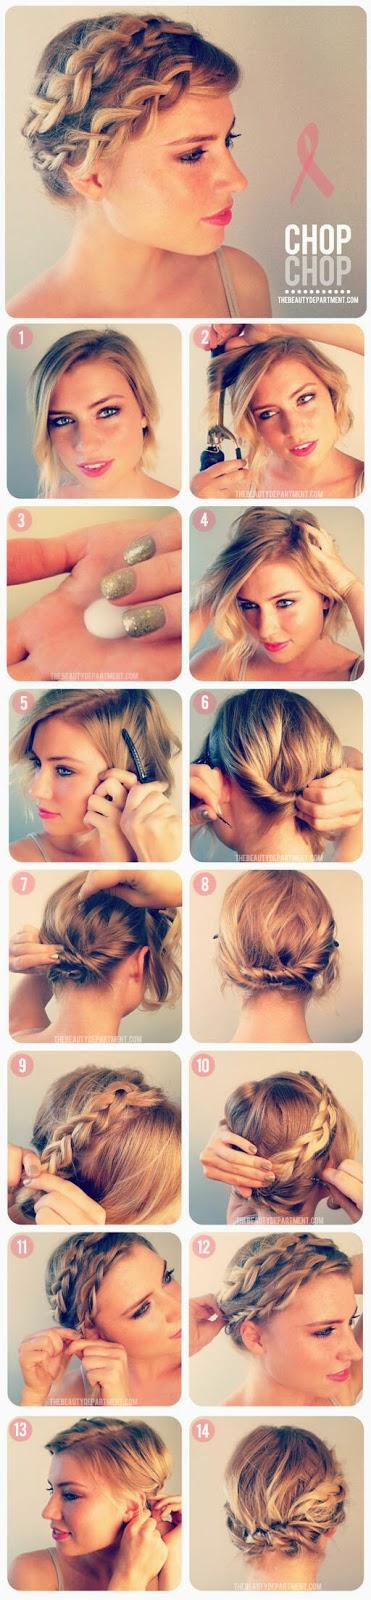 Как сделать прическу с короткими волосами детям